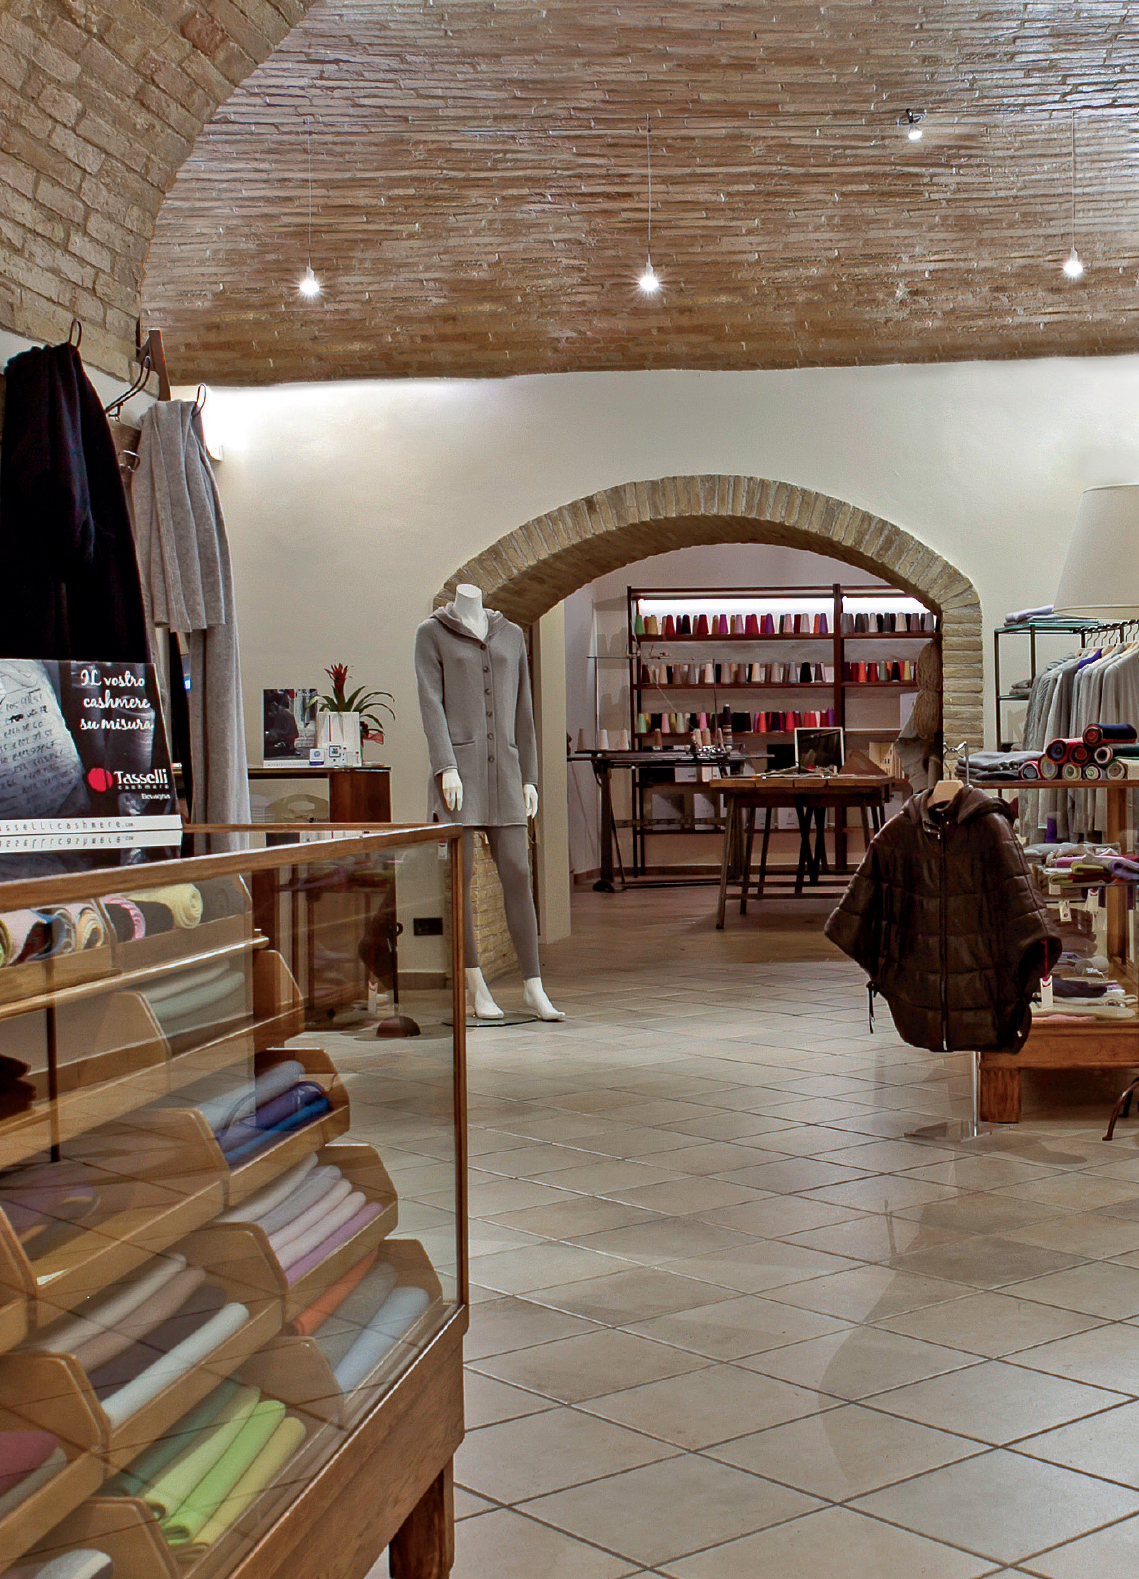 Storie di Cashmere in Umbria: il Factory Store Tasselli